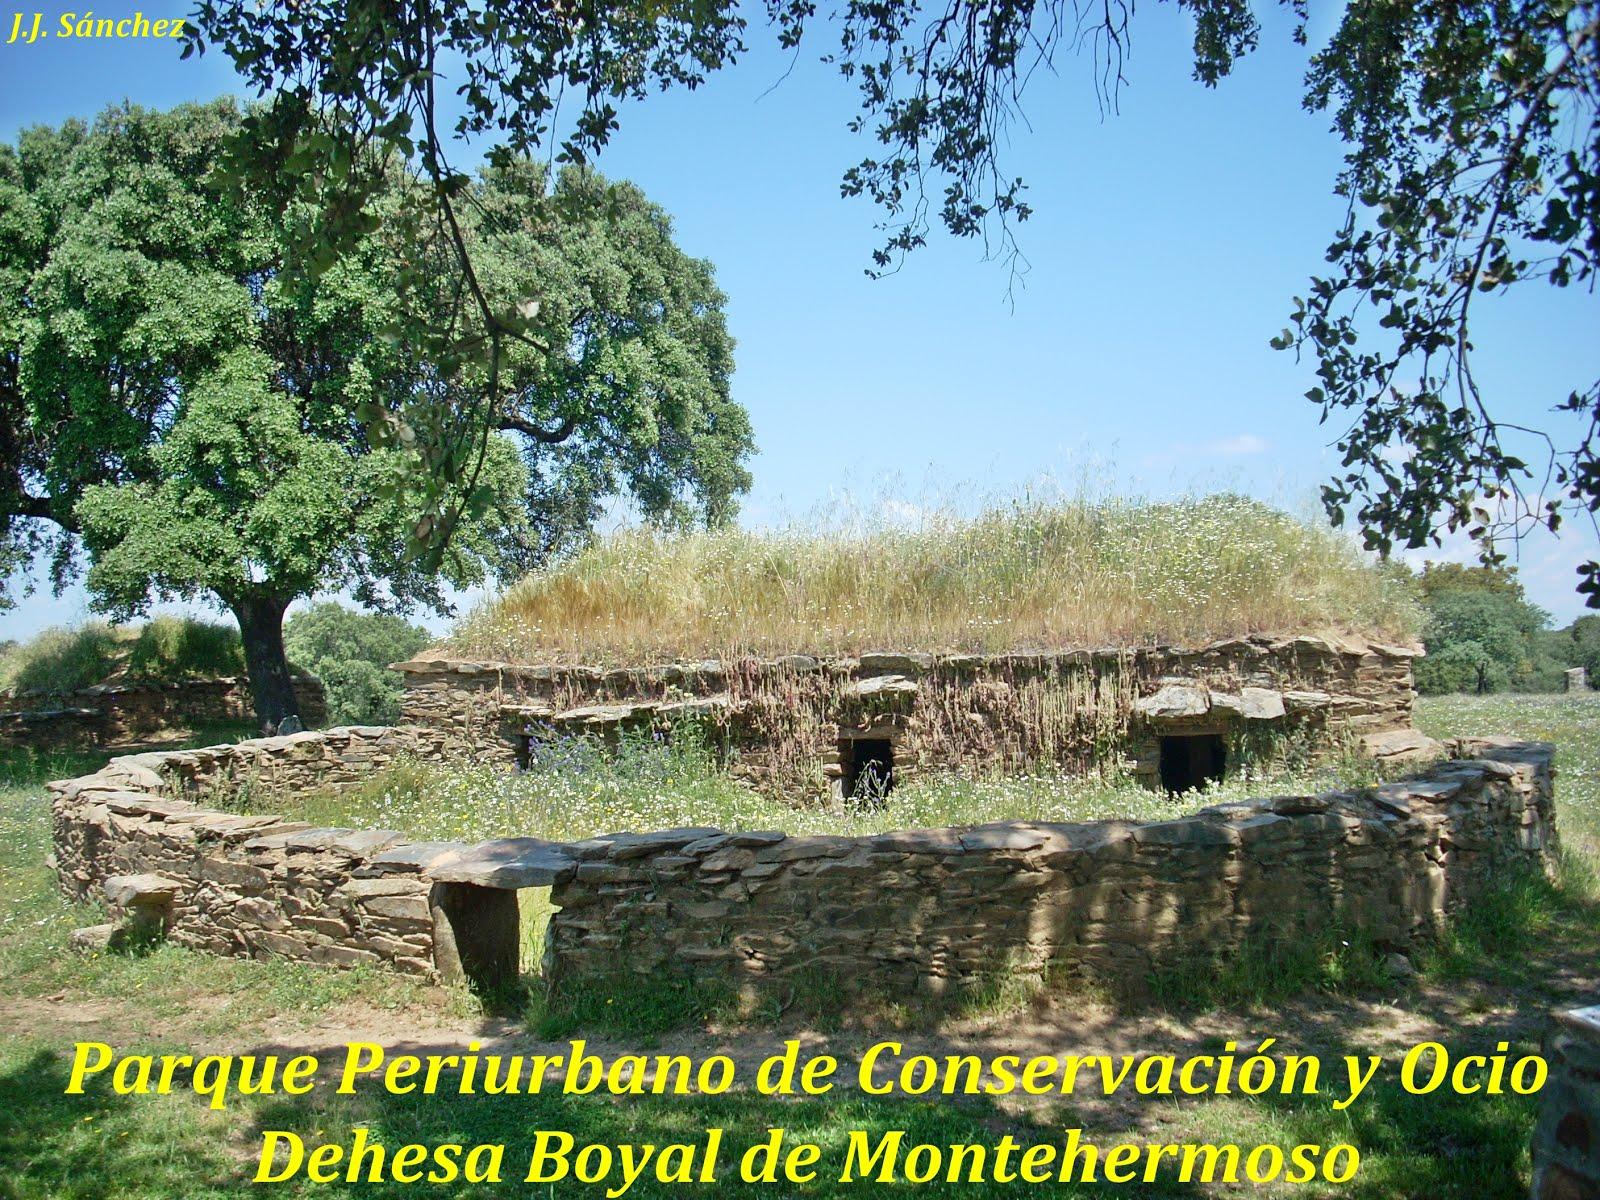 """Parque Periurbano de Conservación y Ocio """"Dehesa Boyal de Montehermoso"""""""